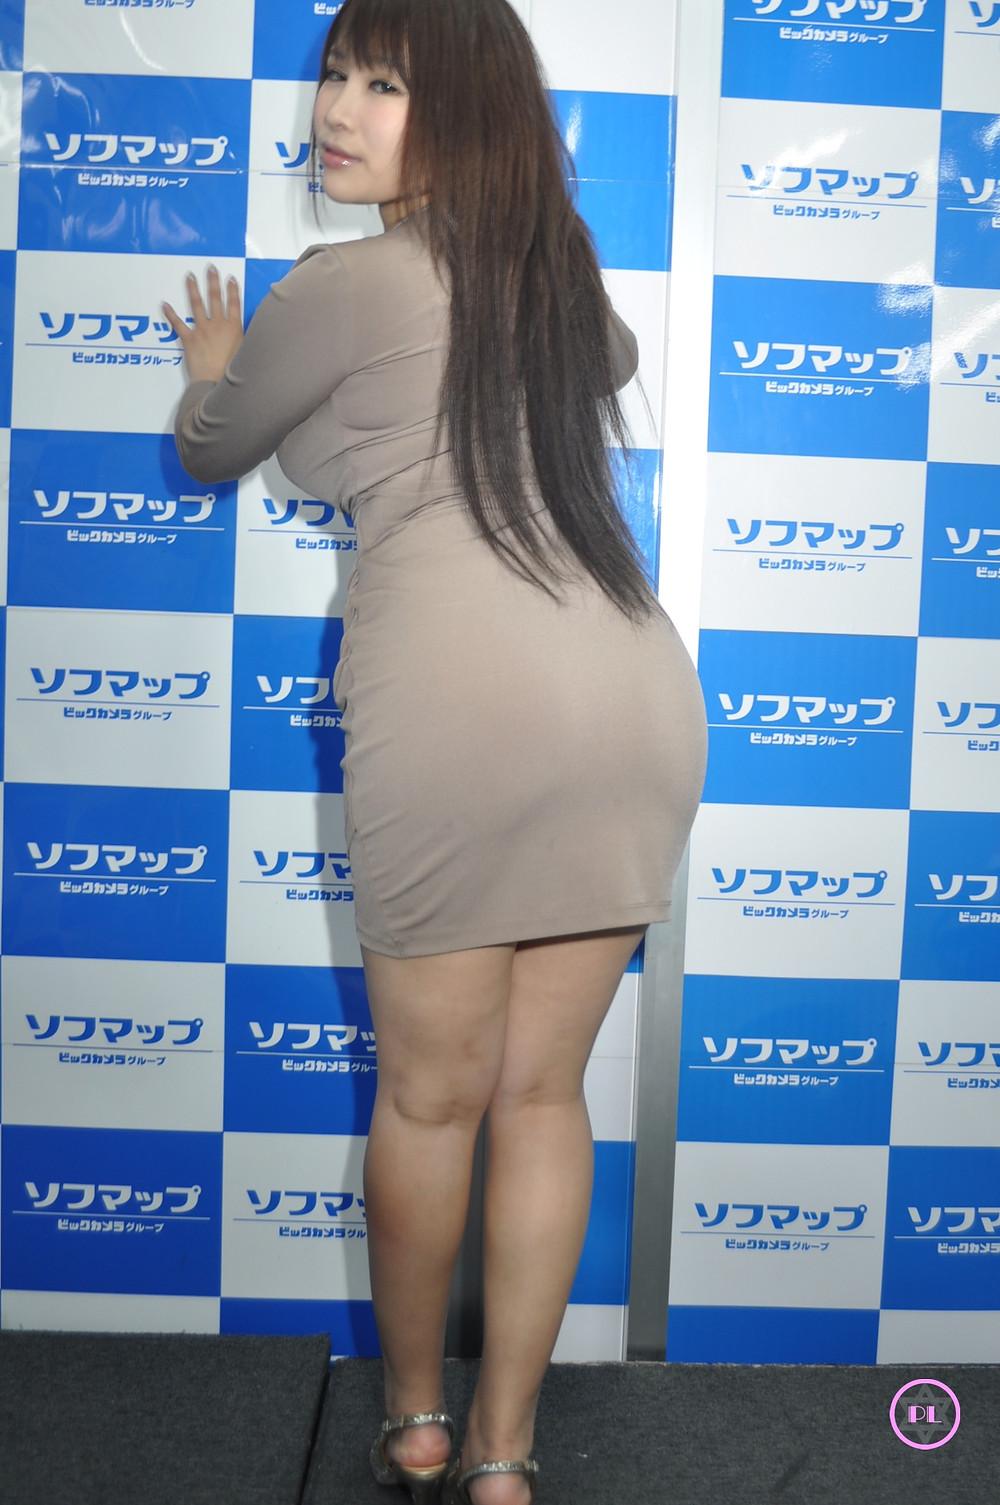 葉月美音爆乳Jカップセクシー女優 (5)